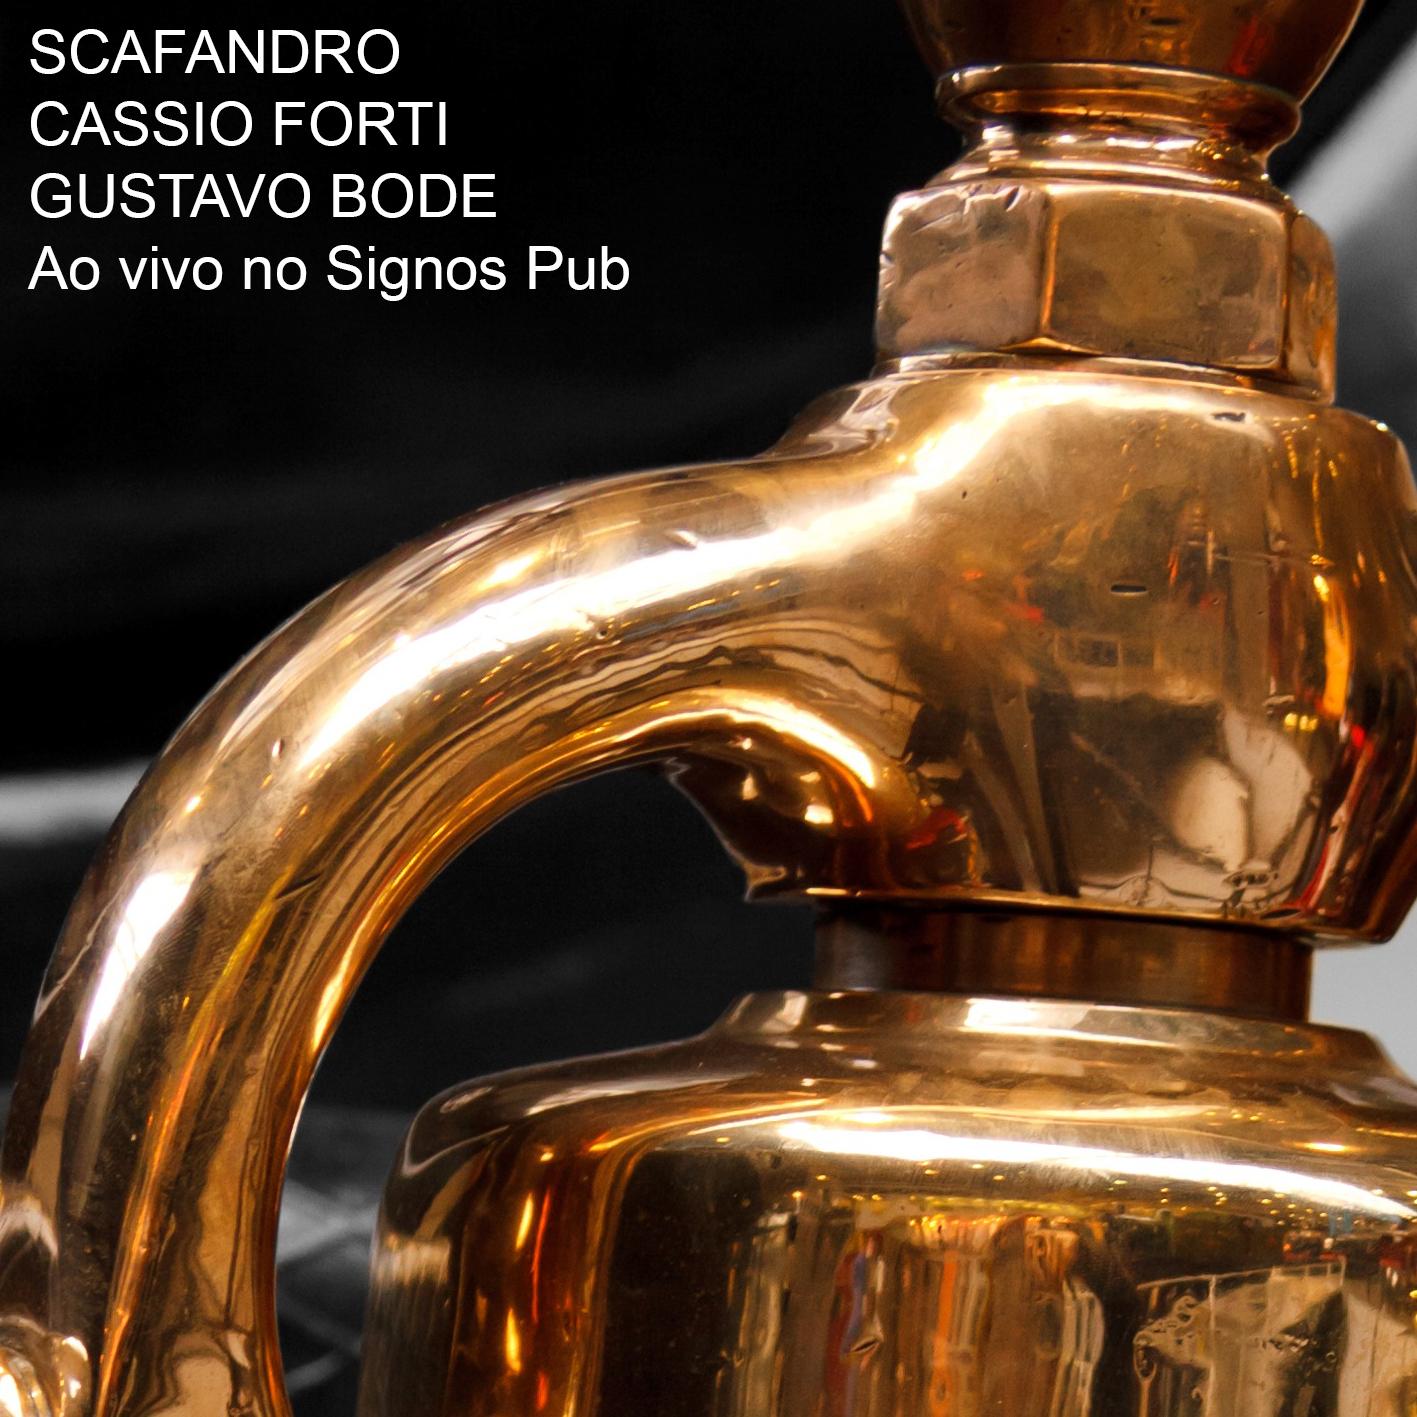 MSRCD042 - Scafandro + Cassio Forti + Gustavo Bode - Ao Vivo No Signos Pub